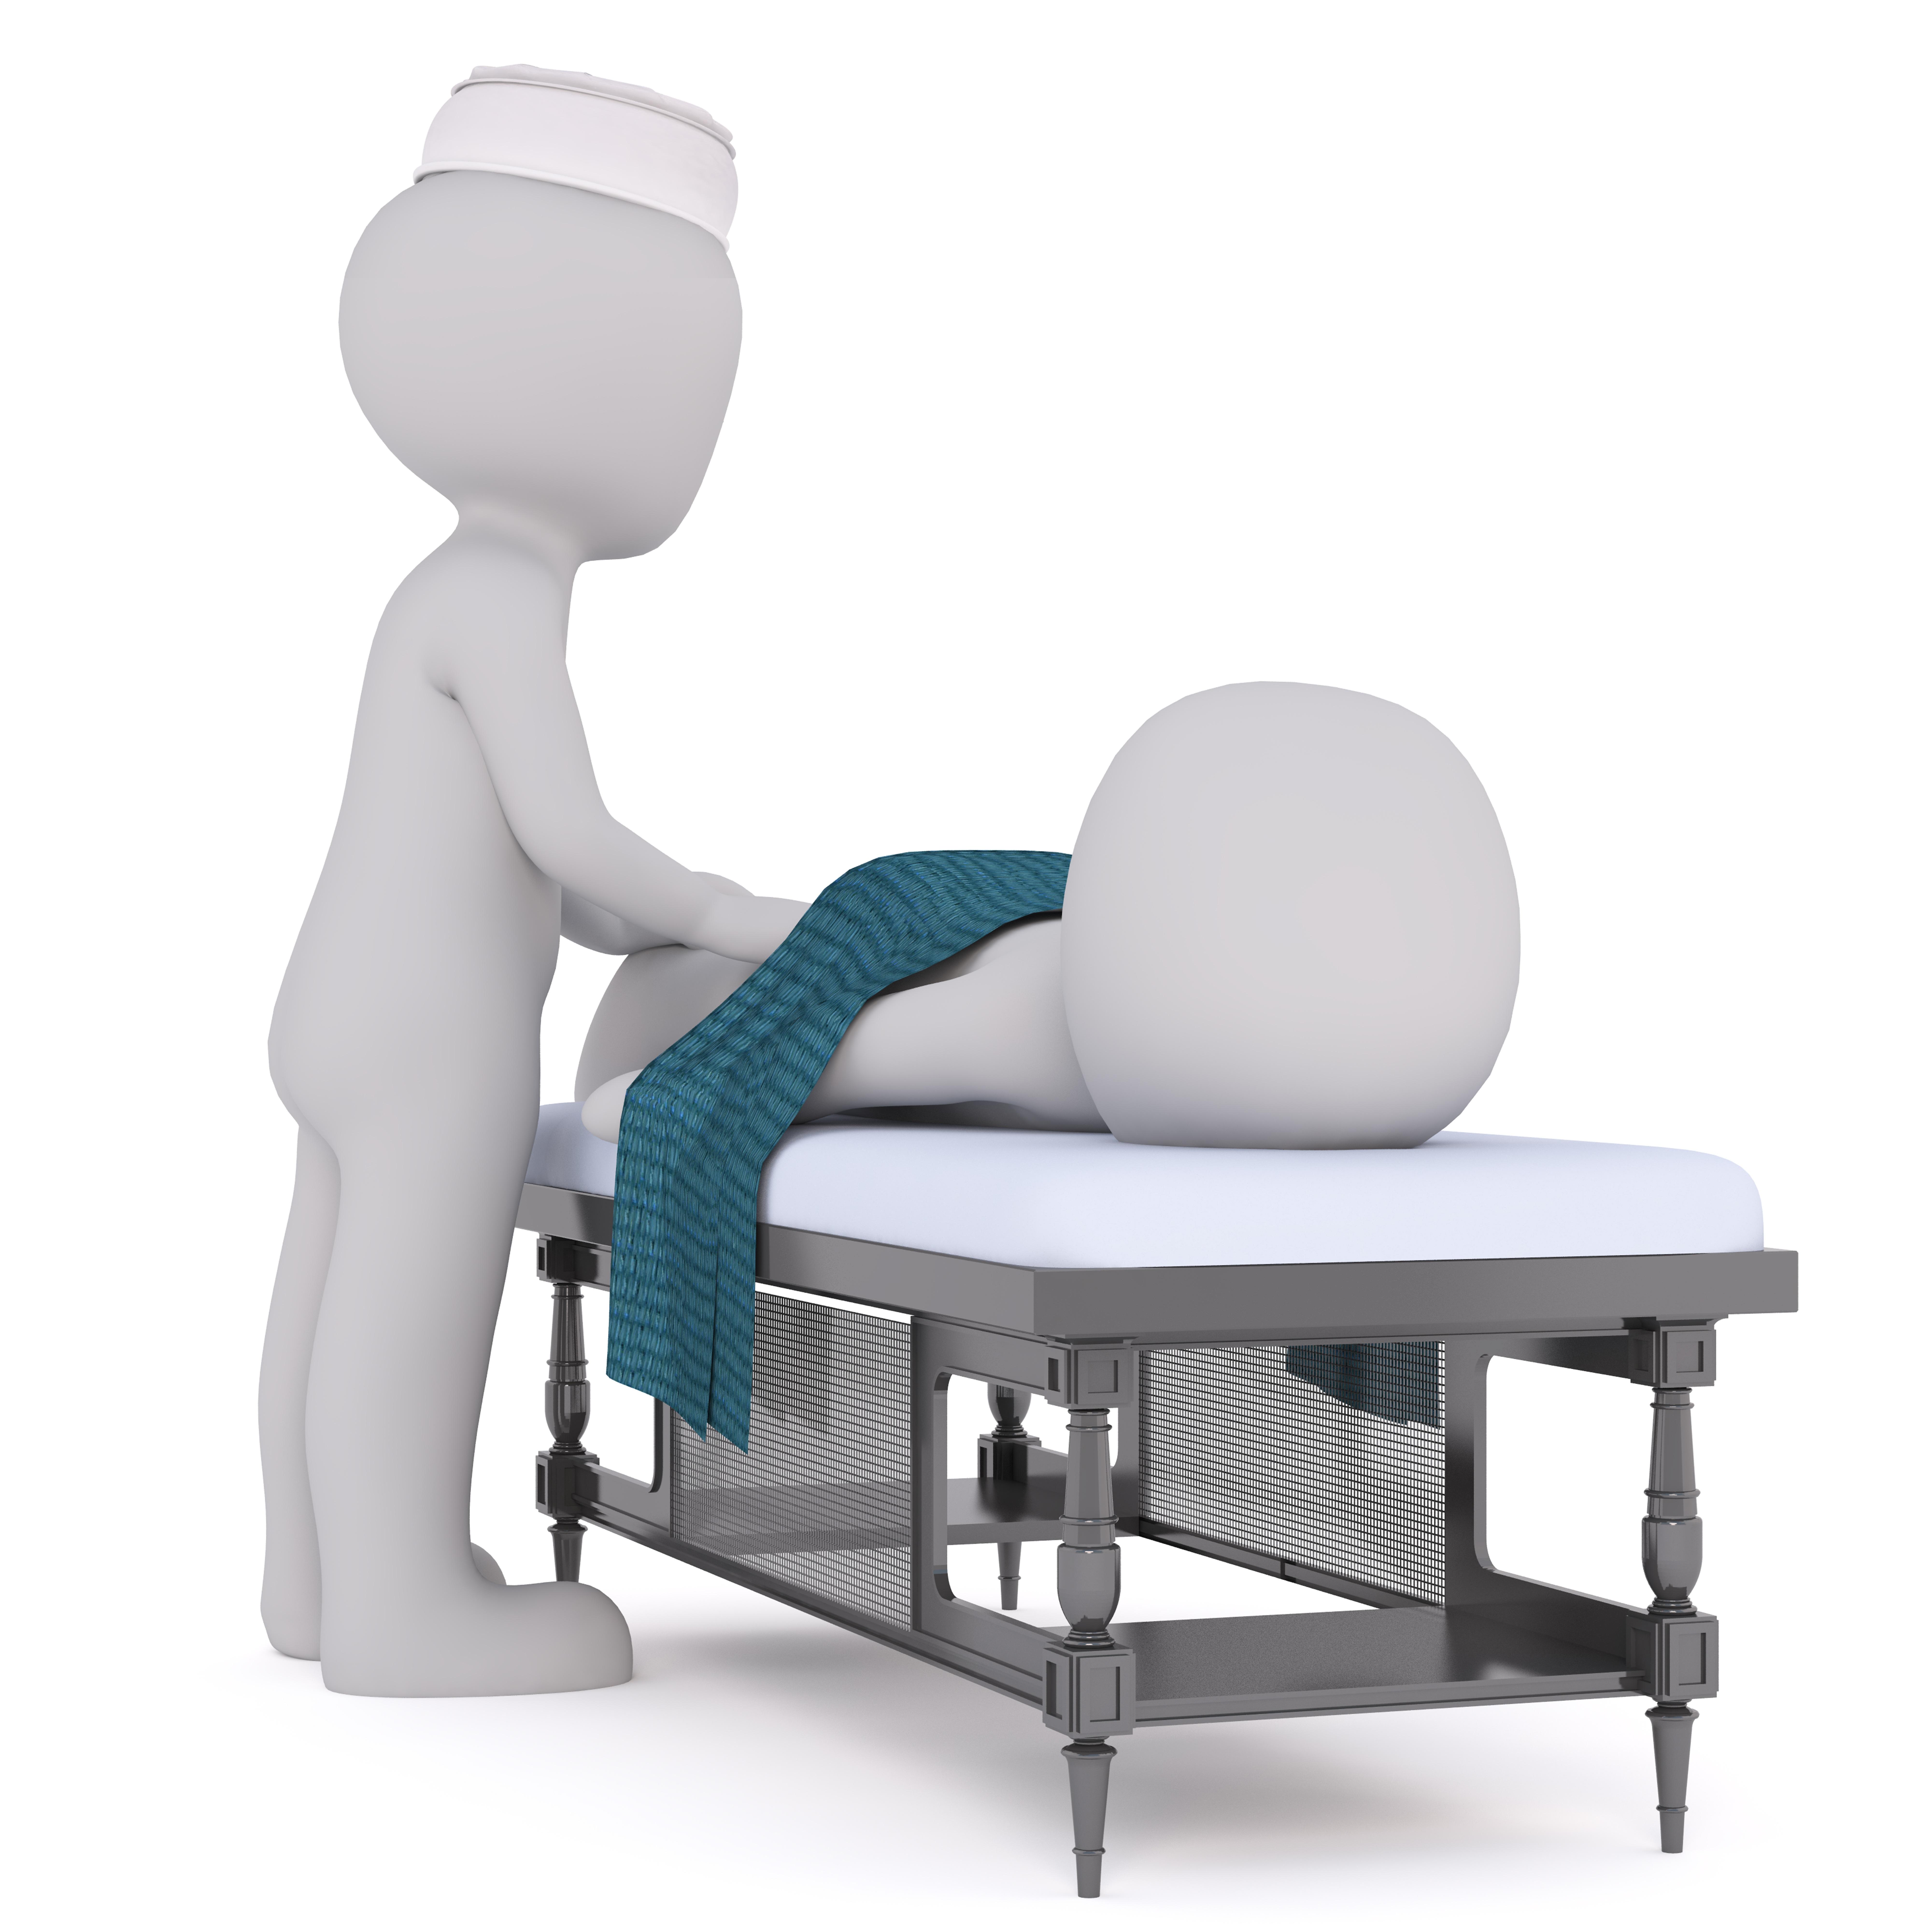 Fotos Gratis Silla Aislado Sentado Mueble Producto Hospital  # Muebles Fisioterapia